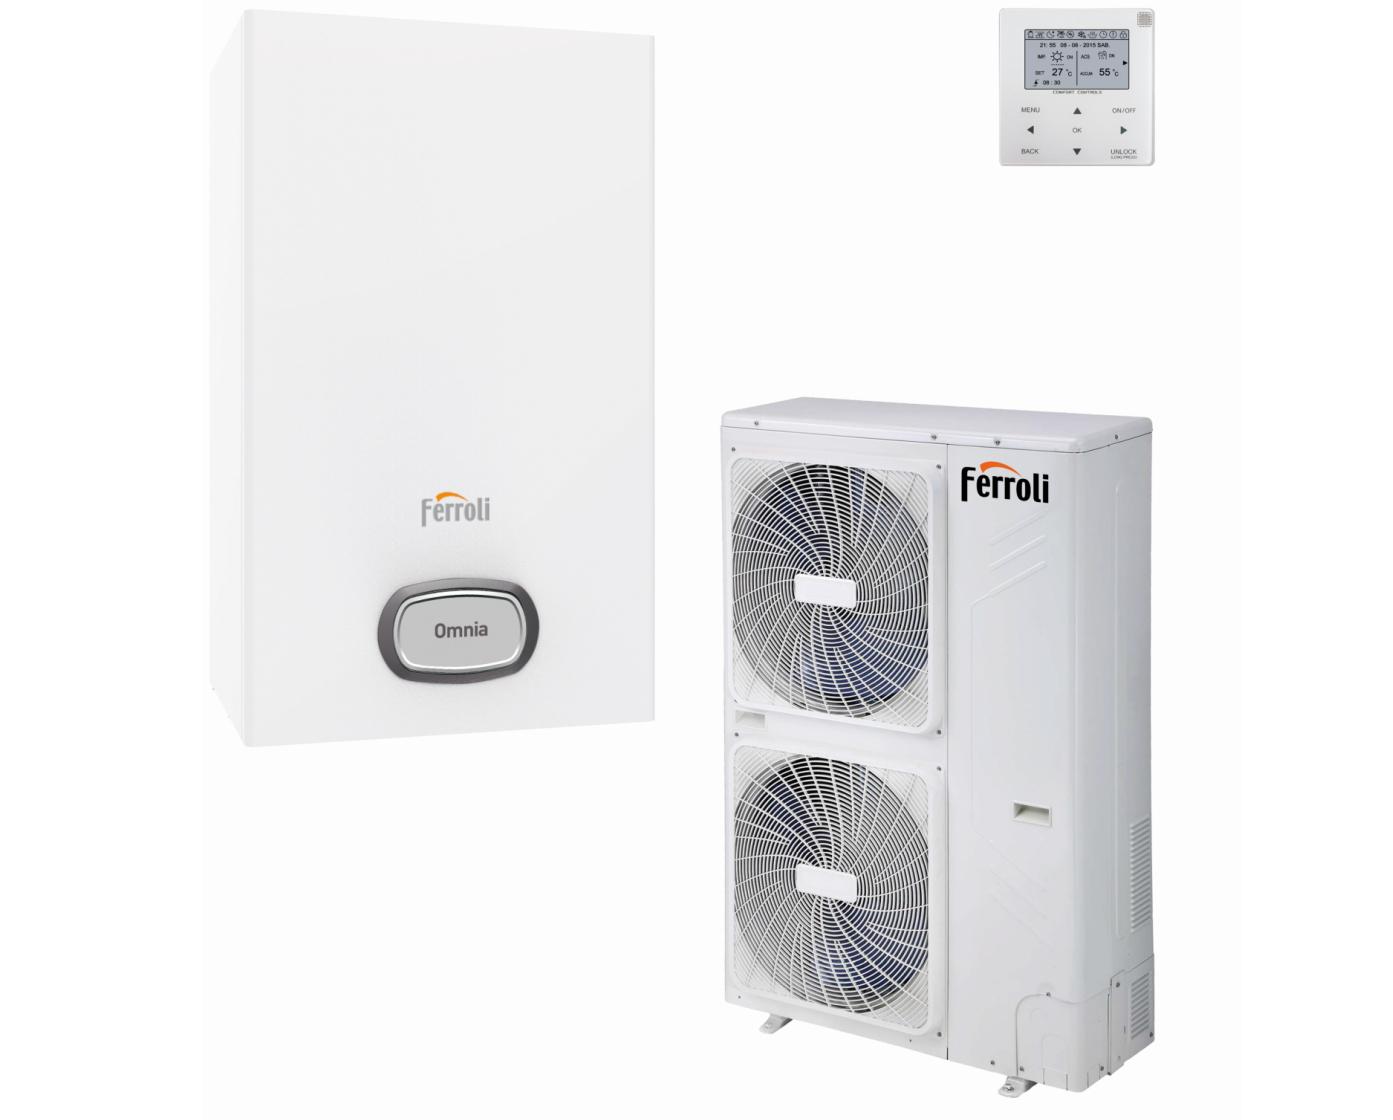 <h2>Икономичните инверторни термопомпи на FERROLI</h2>